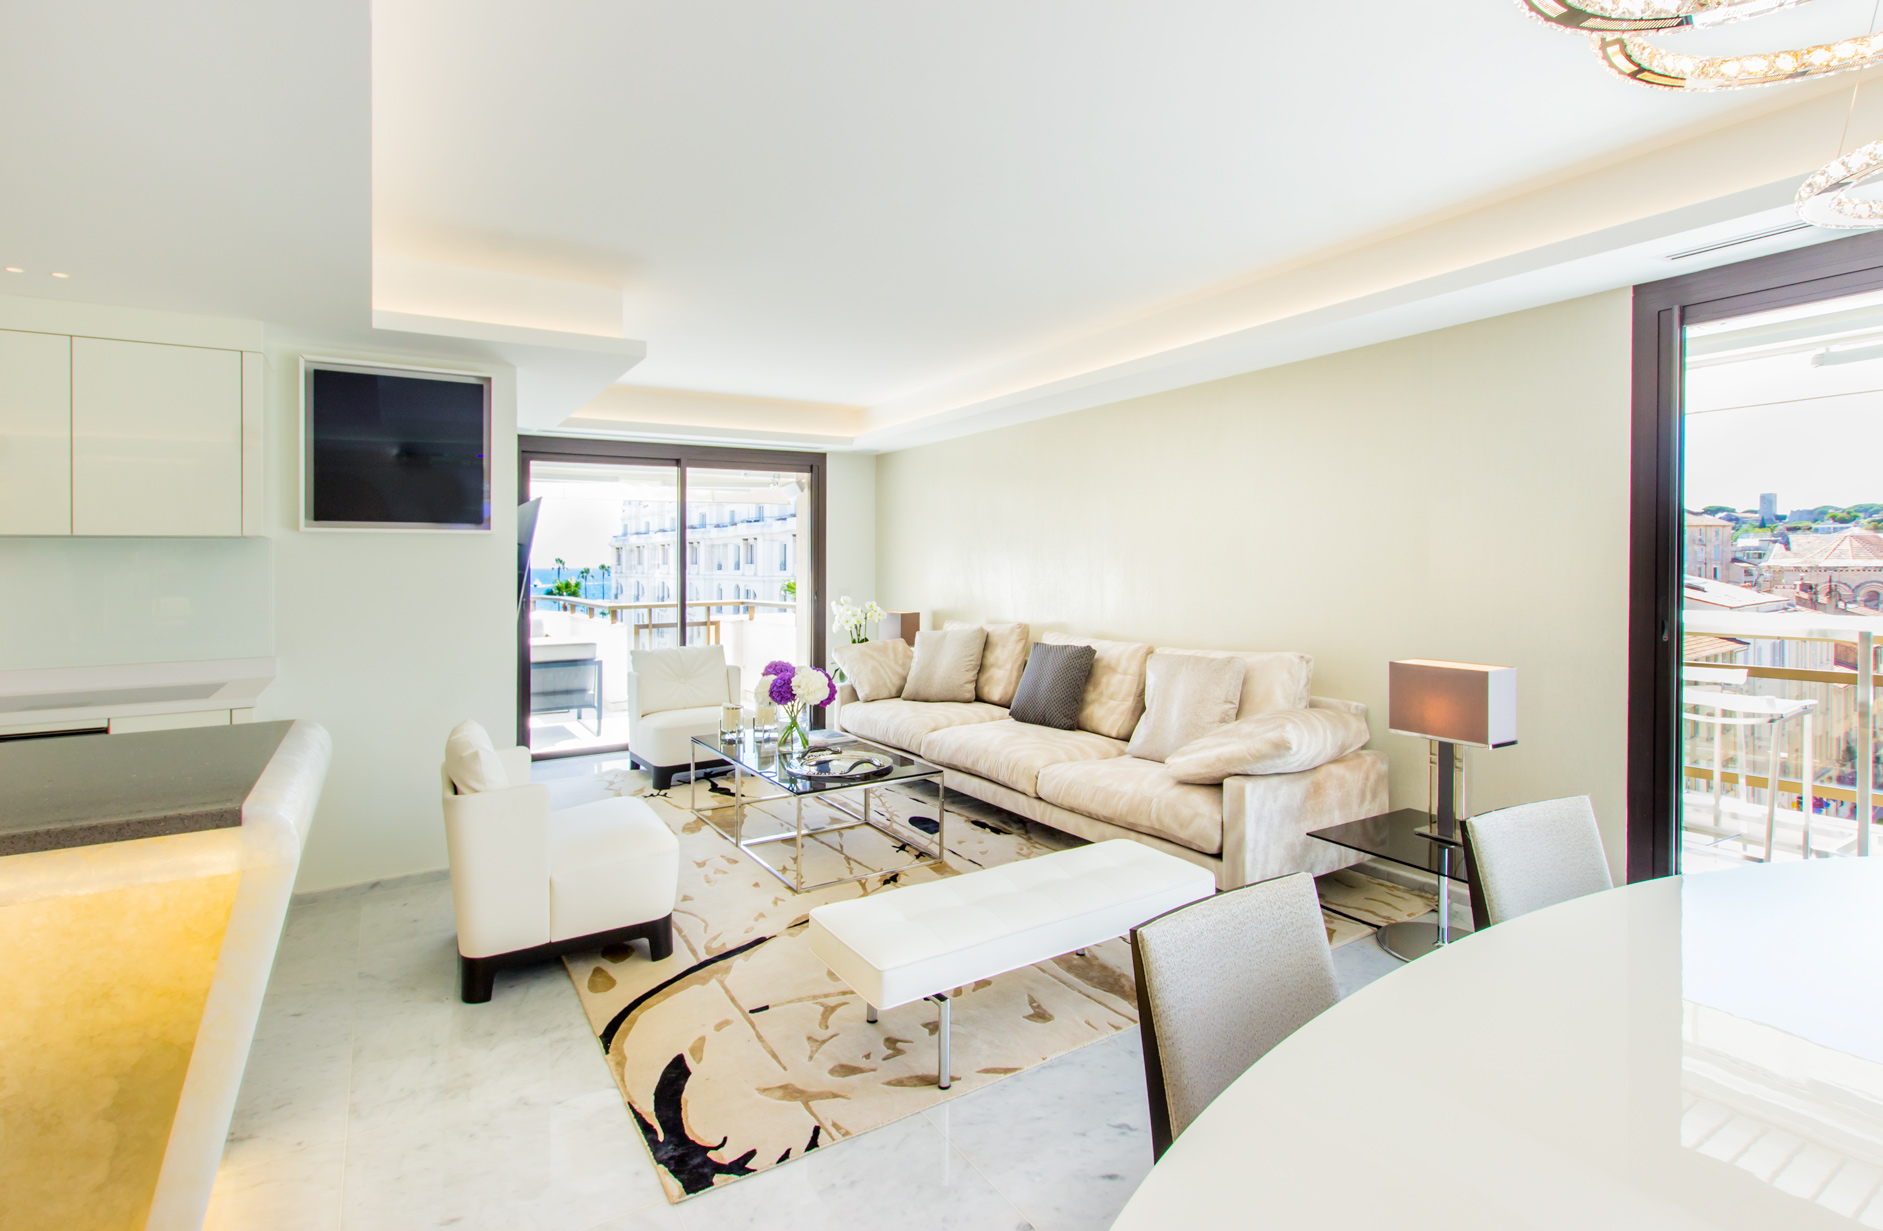 Architecte D Intérieur Cannes home - d&k interiors - interior designers cannes - french